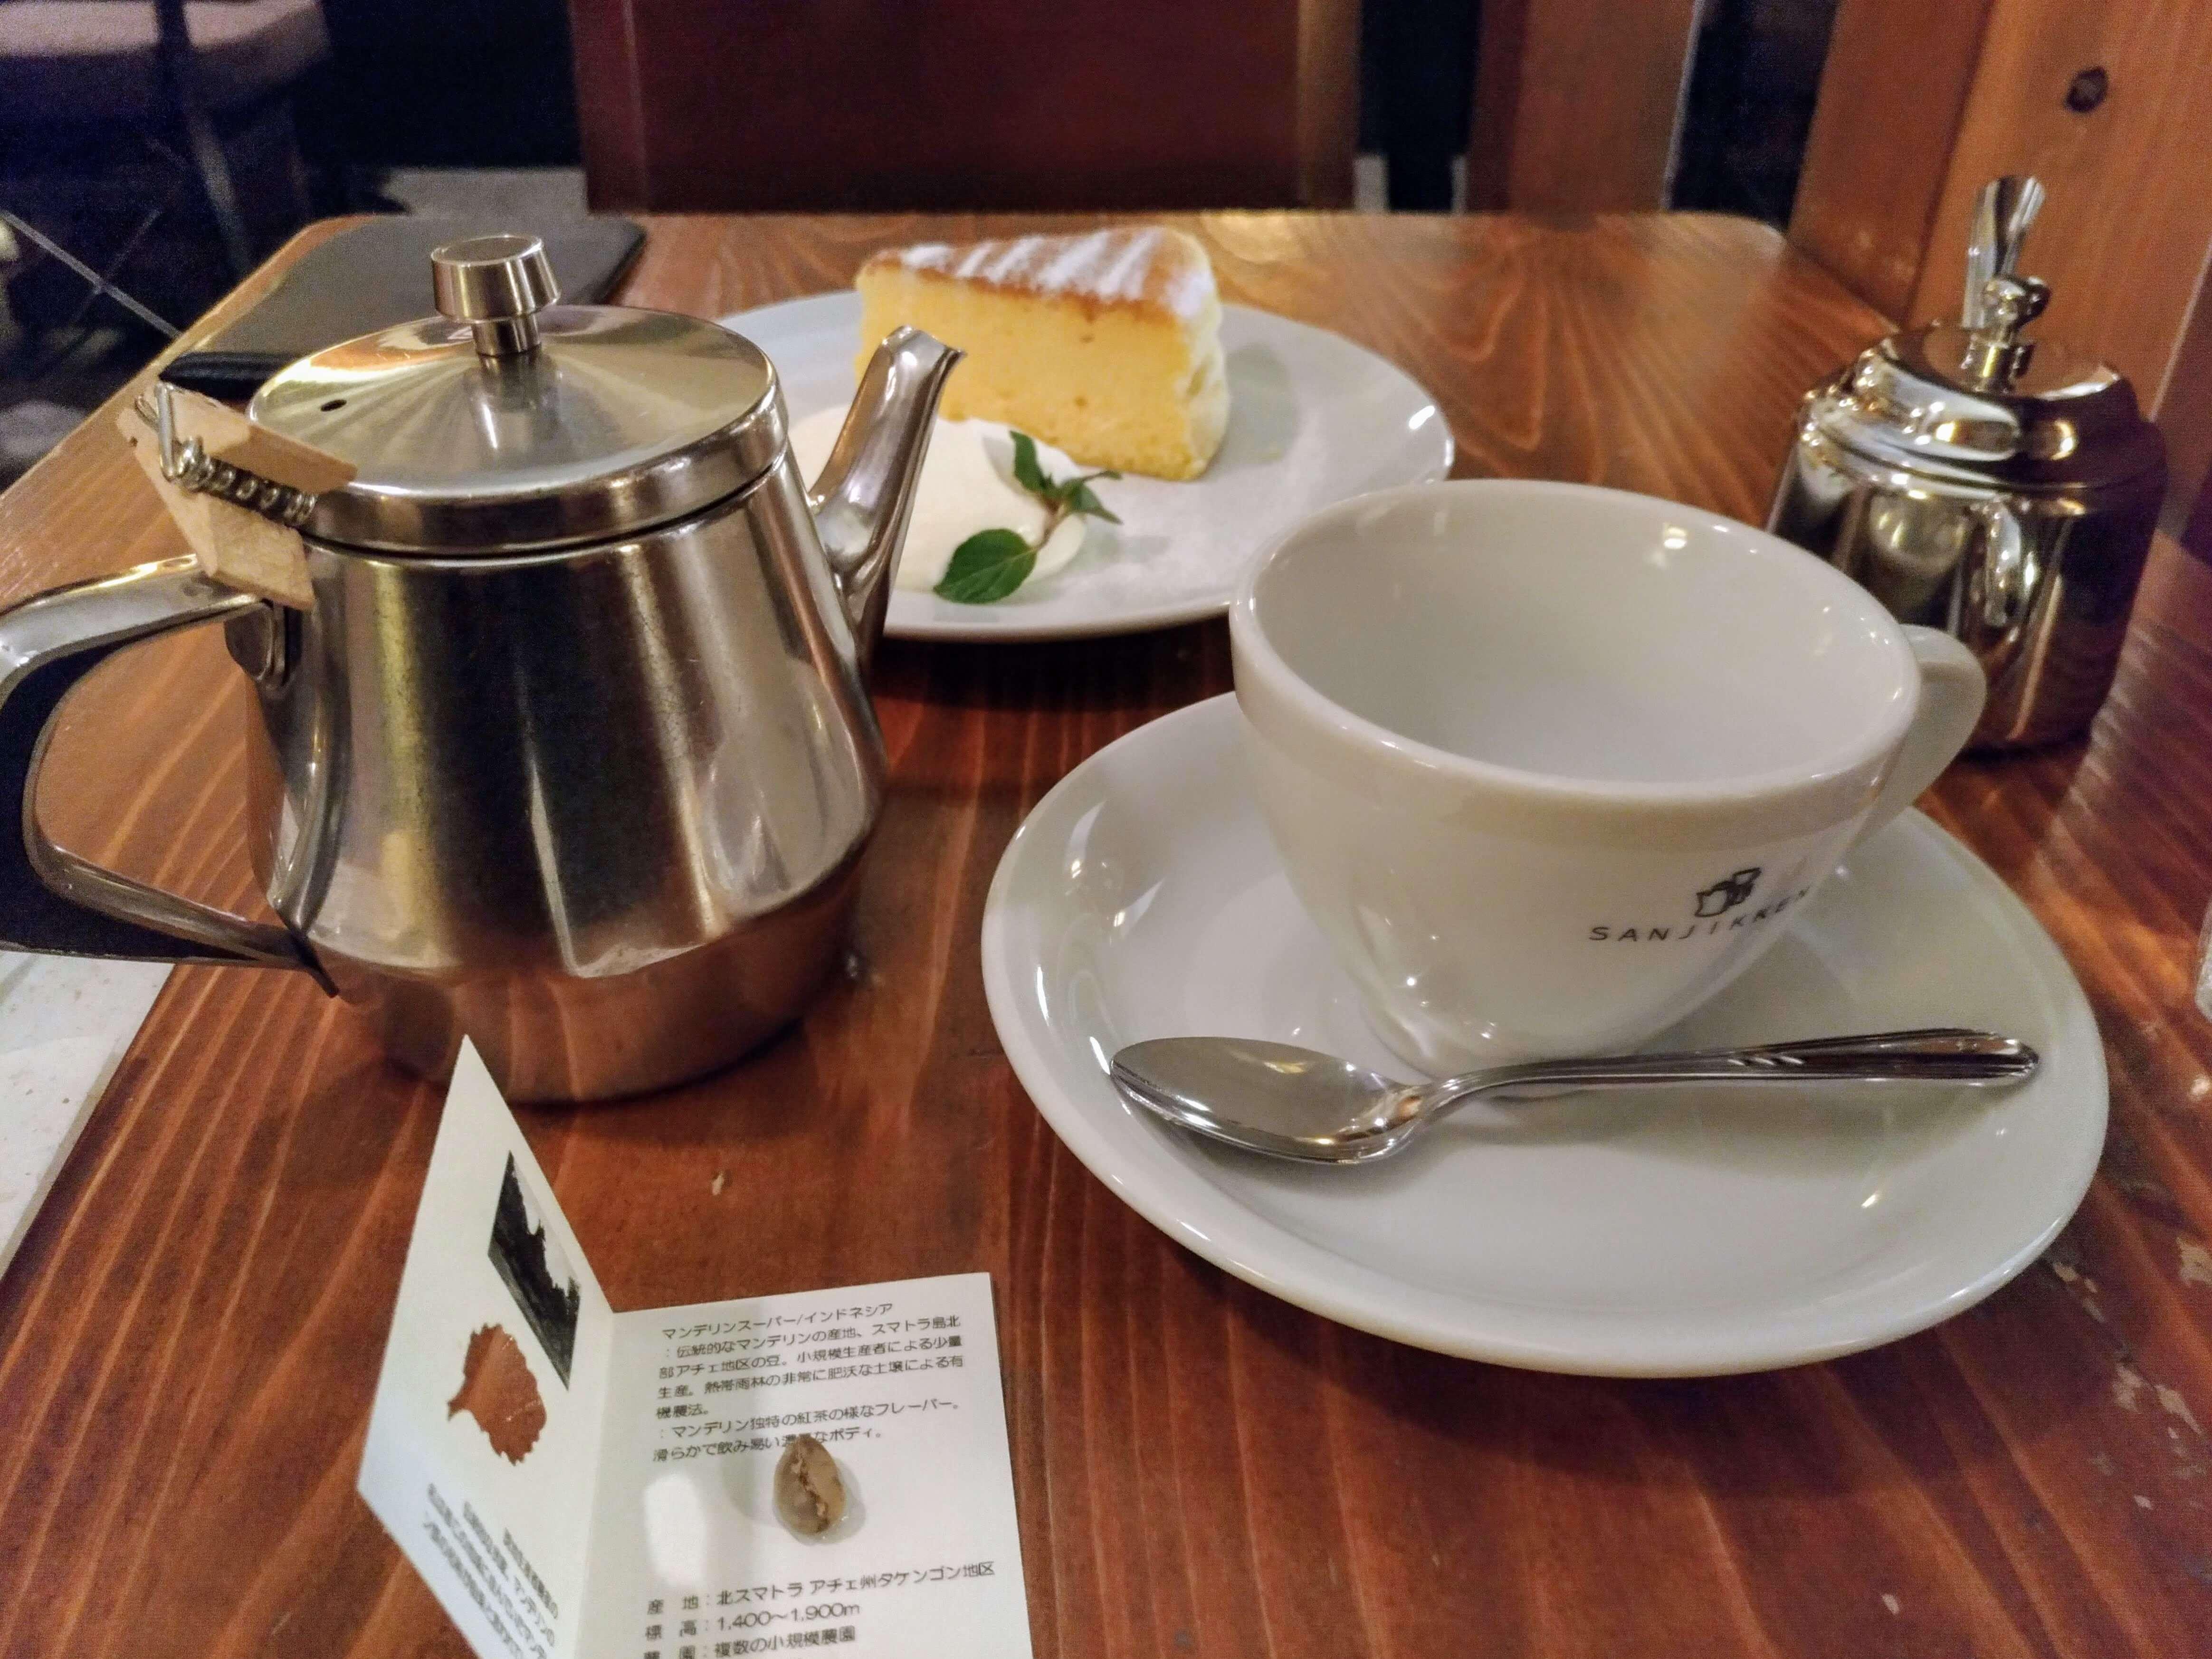 珈琲三十間 銀座 コーヒーとチーズケーキ